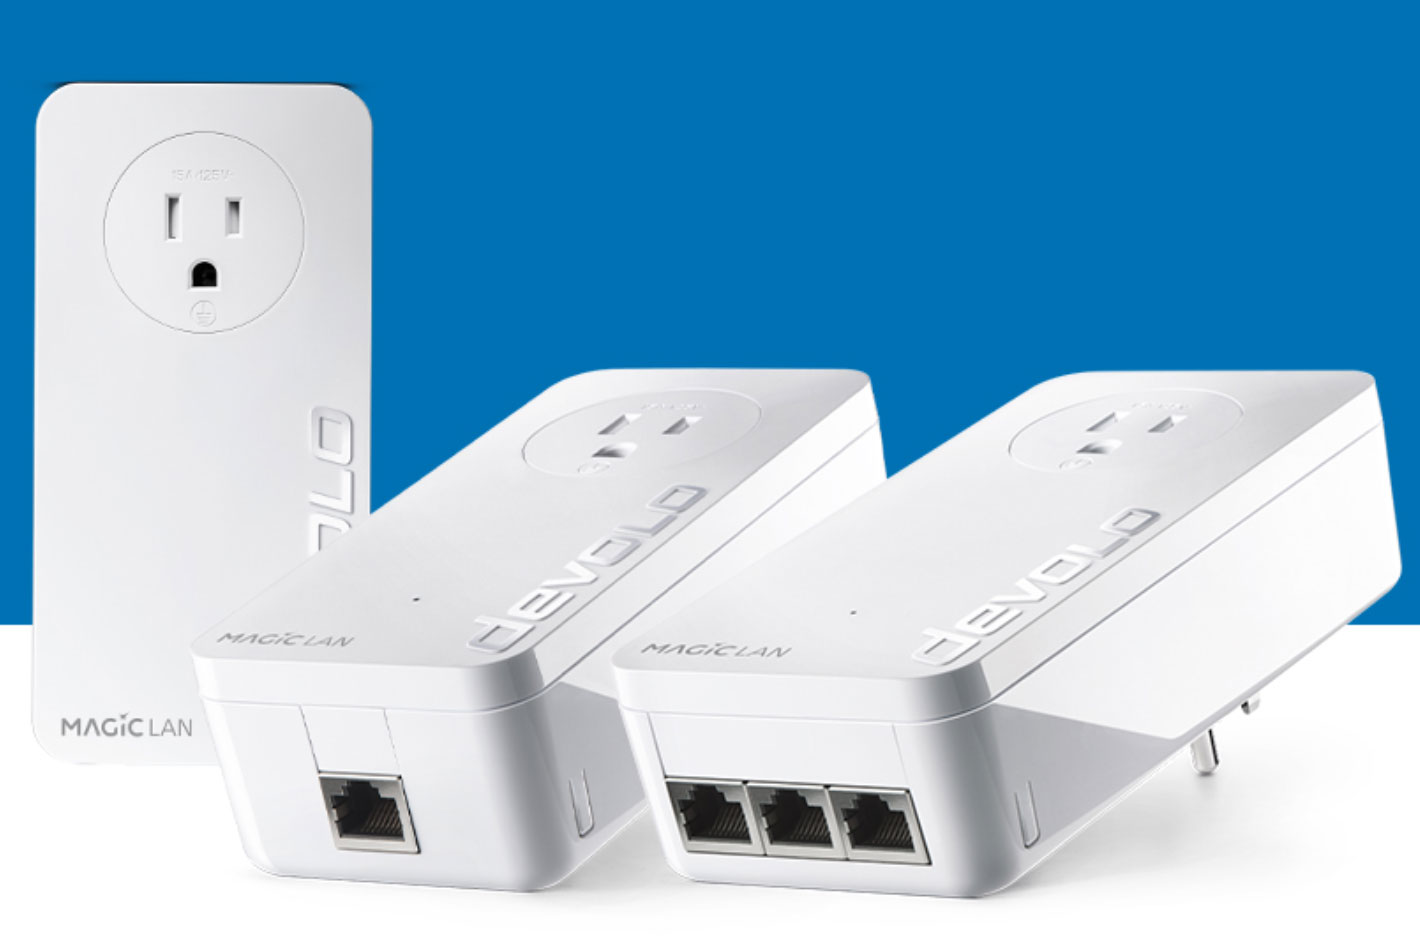 devolo Magic 2 smart home-networking launches in the U.S.